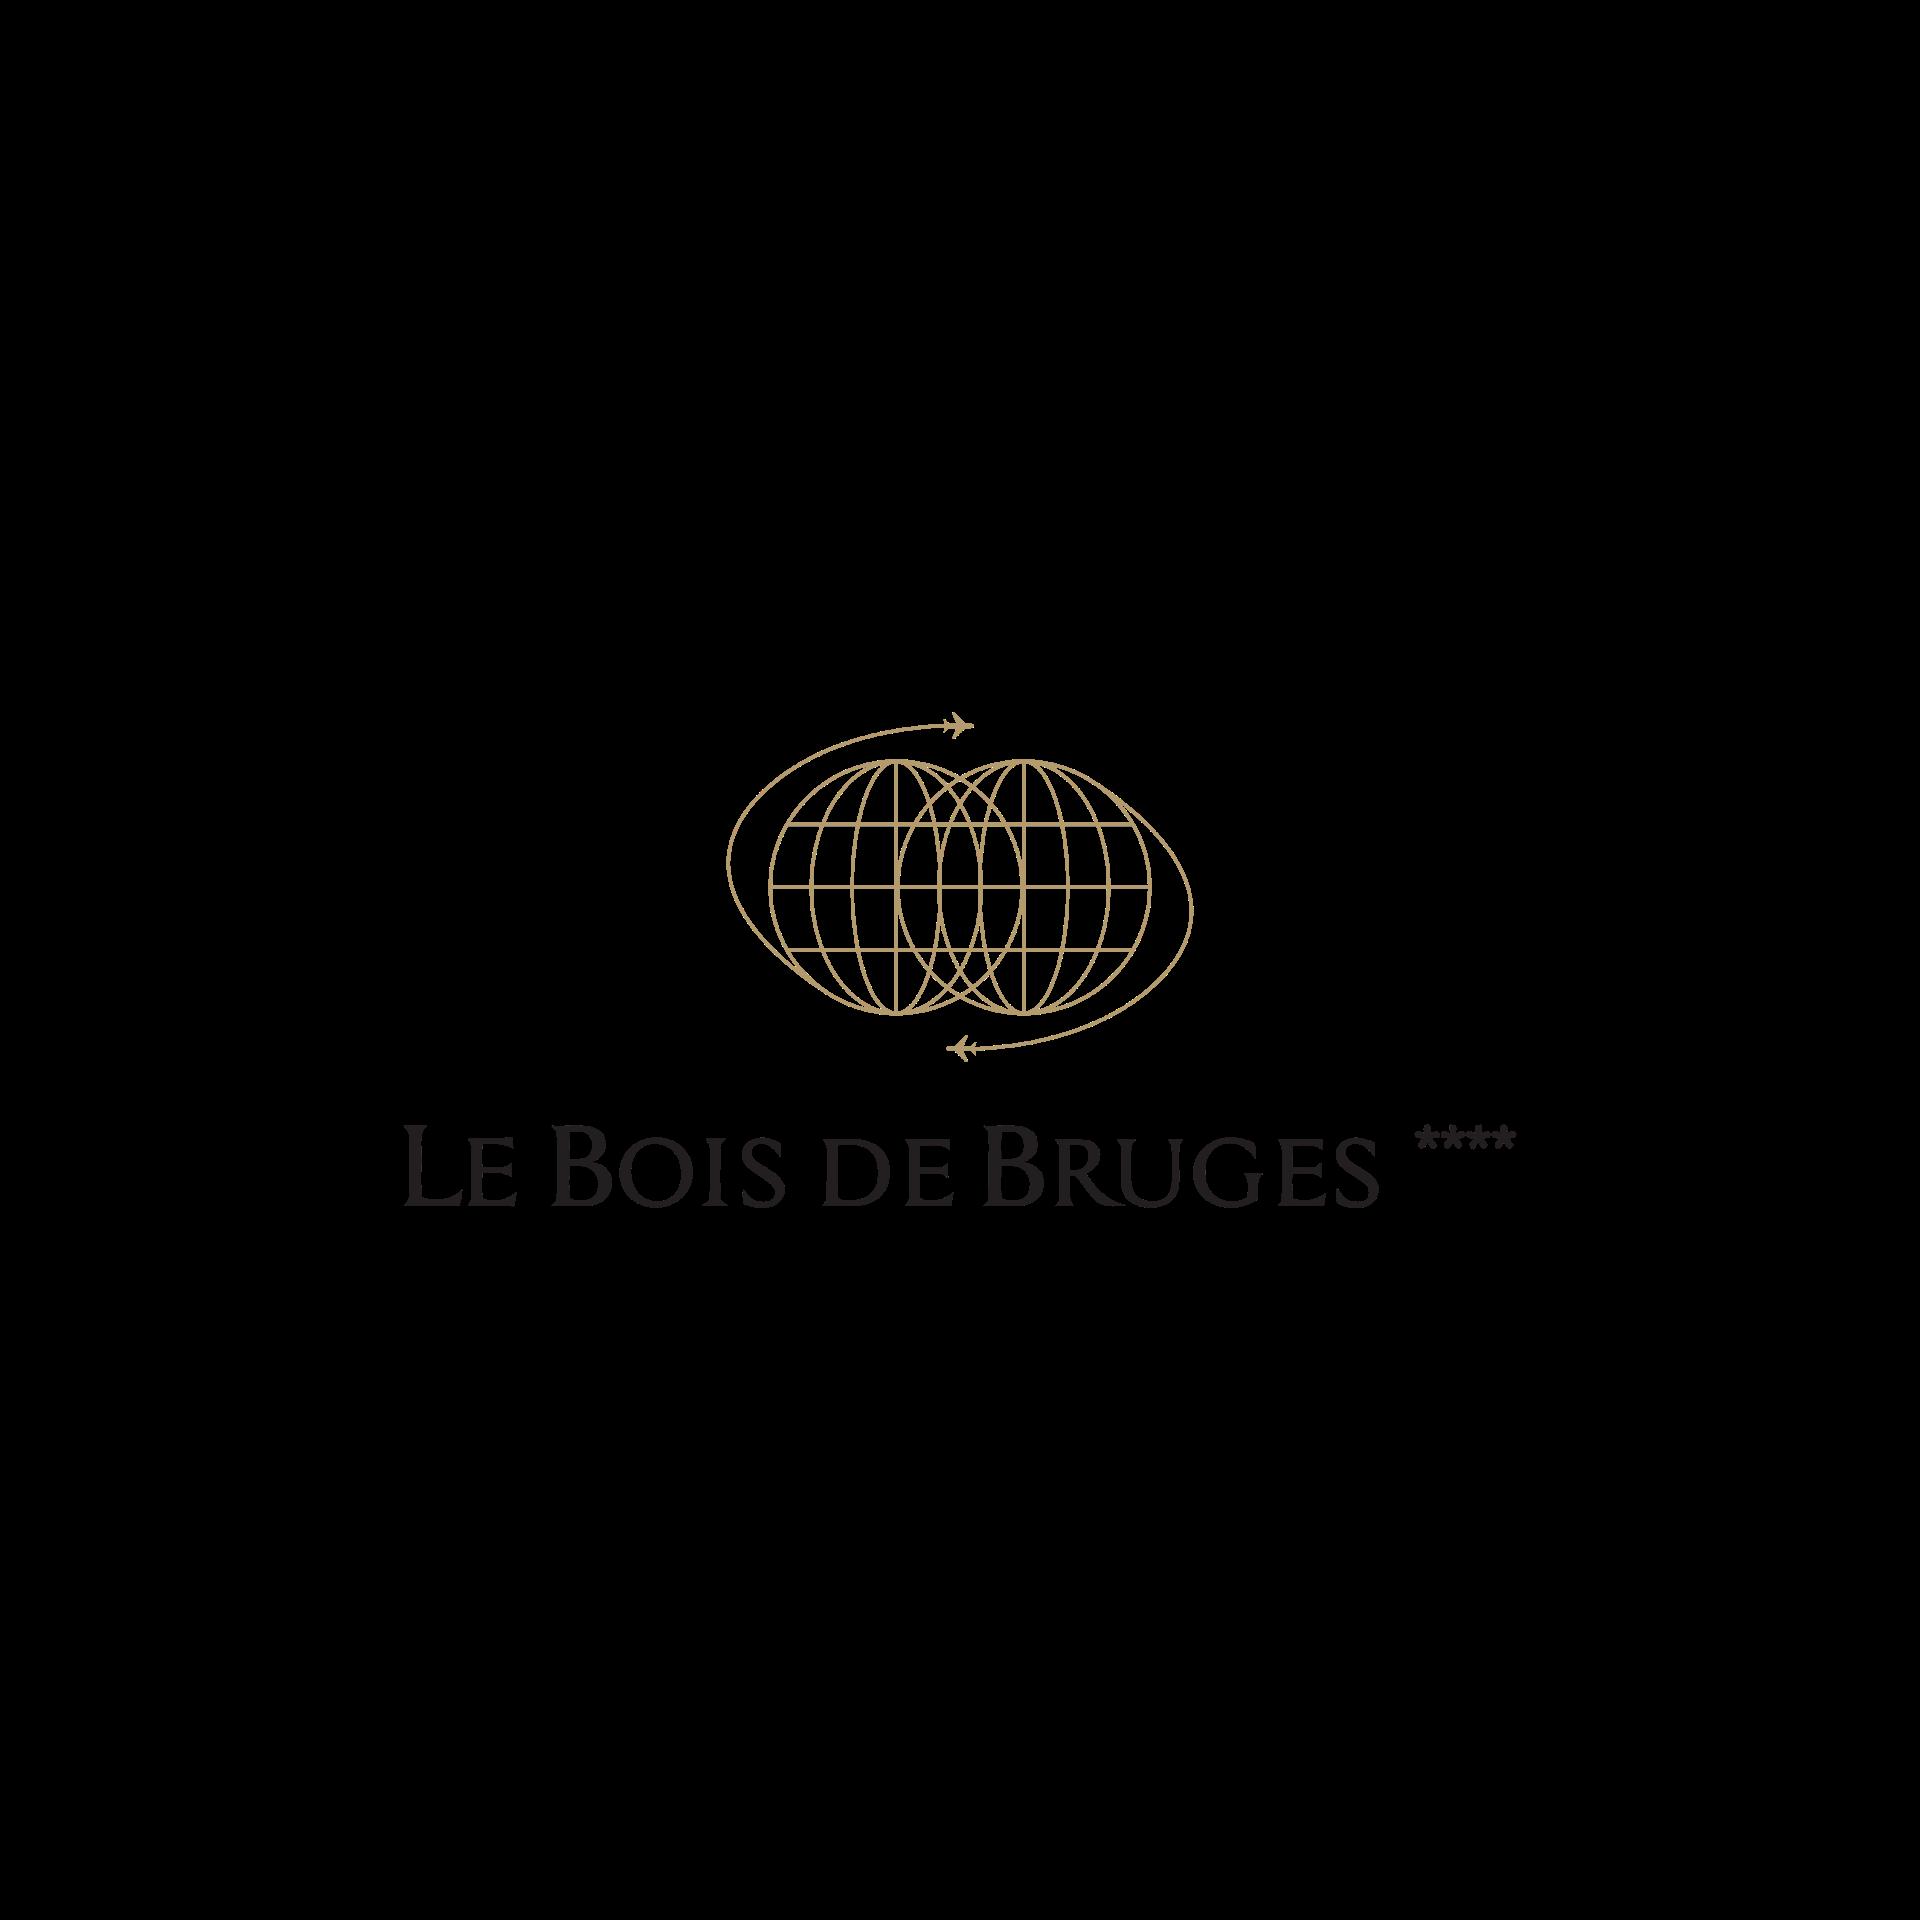 Le Bois de Bruges